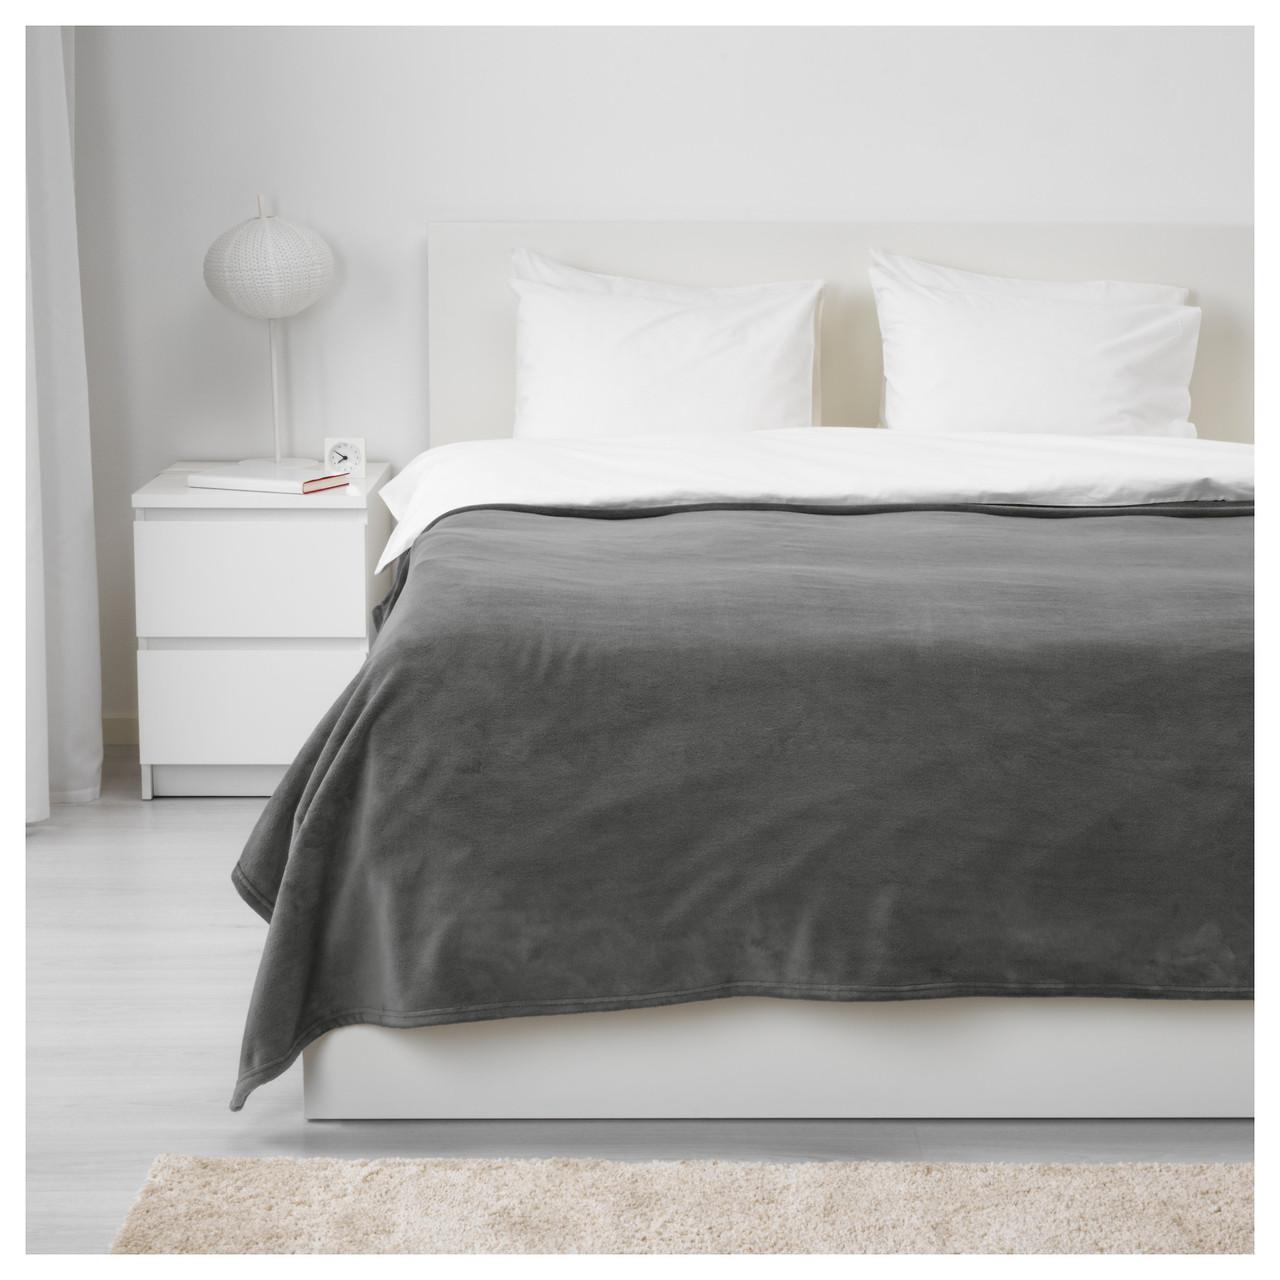 ТРАТТВИВА Покрывало, серый, 230x250 см 70349681 IKEA, ИКЕА, TRATTVIVA